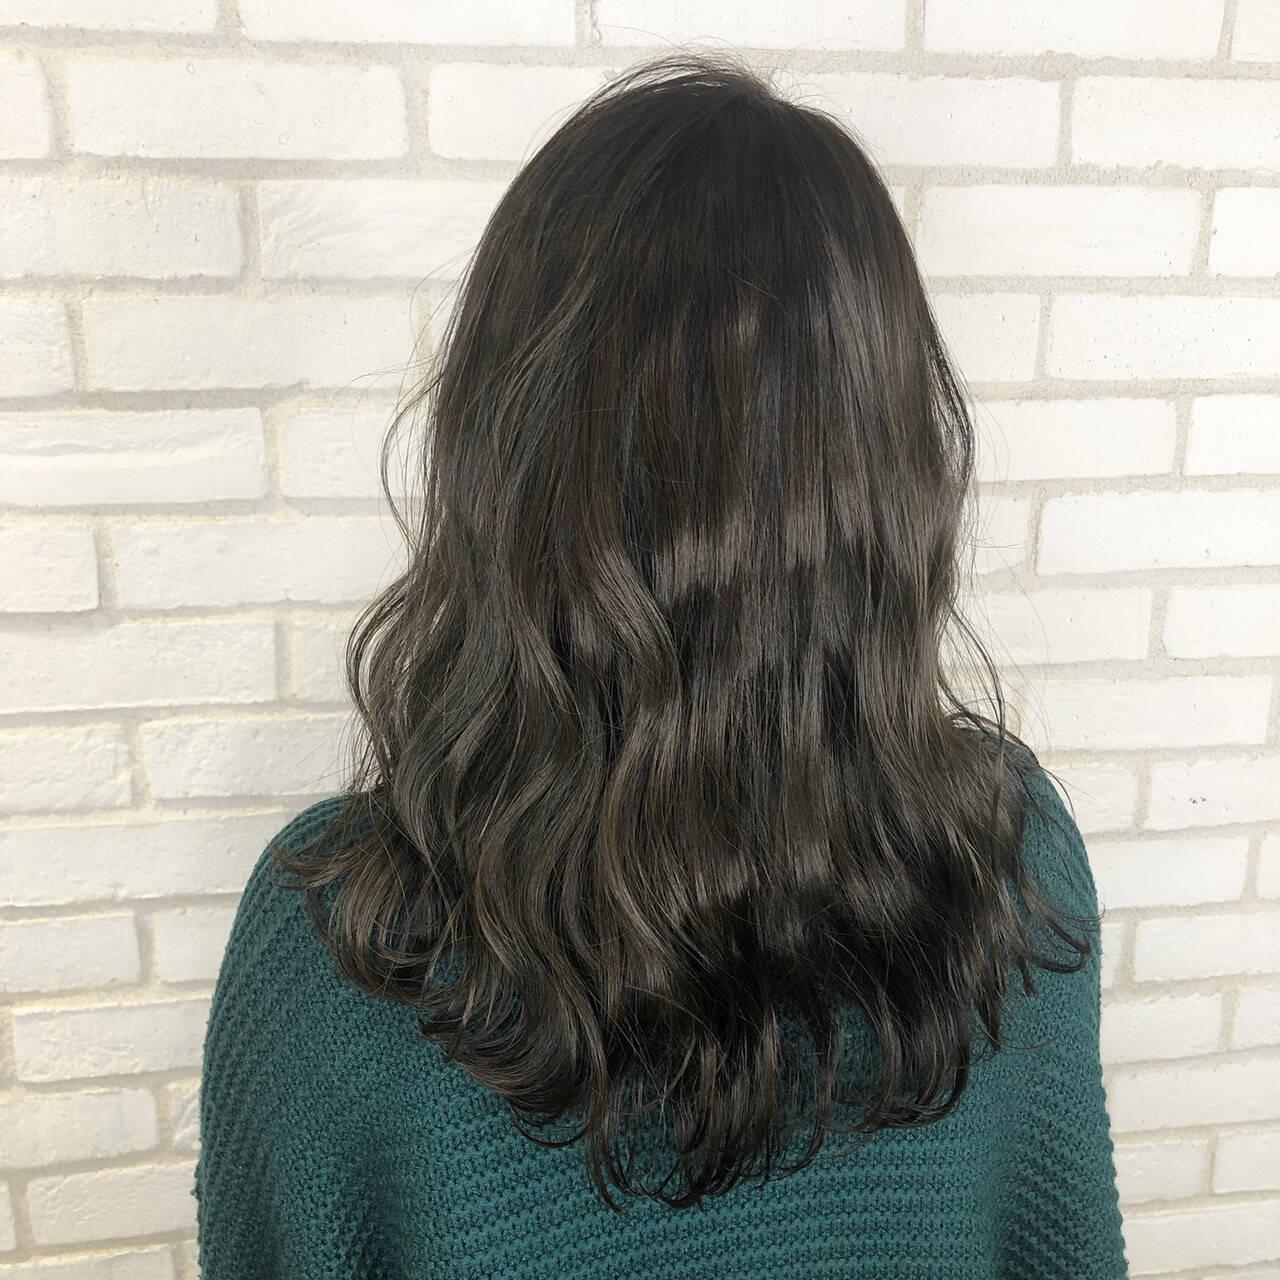 オフィス ナチュラル ロング アディクシーカラーヘアスタイルや髪型の写真・画像